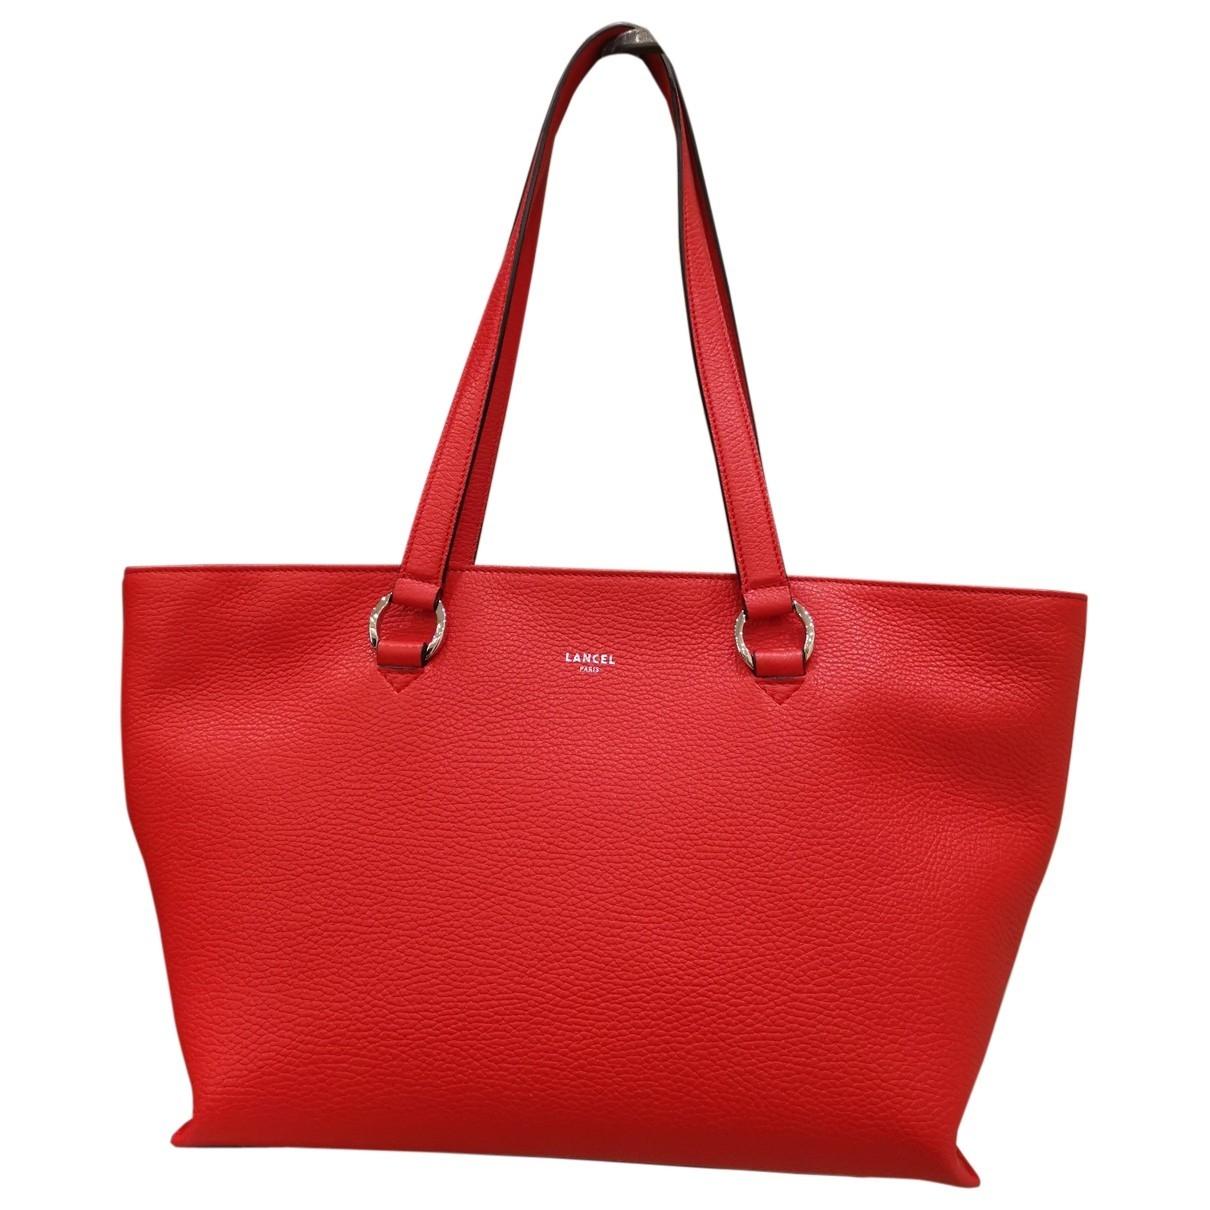 Lancel - Sac a main Enveloppe pour femme en cuir - rouge